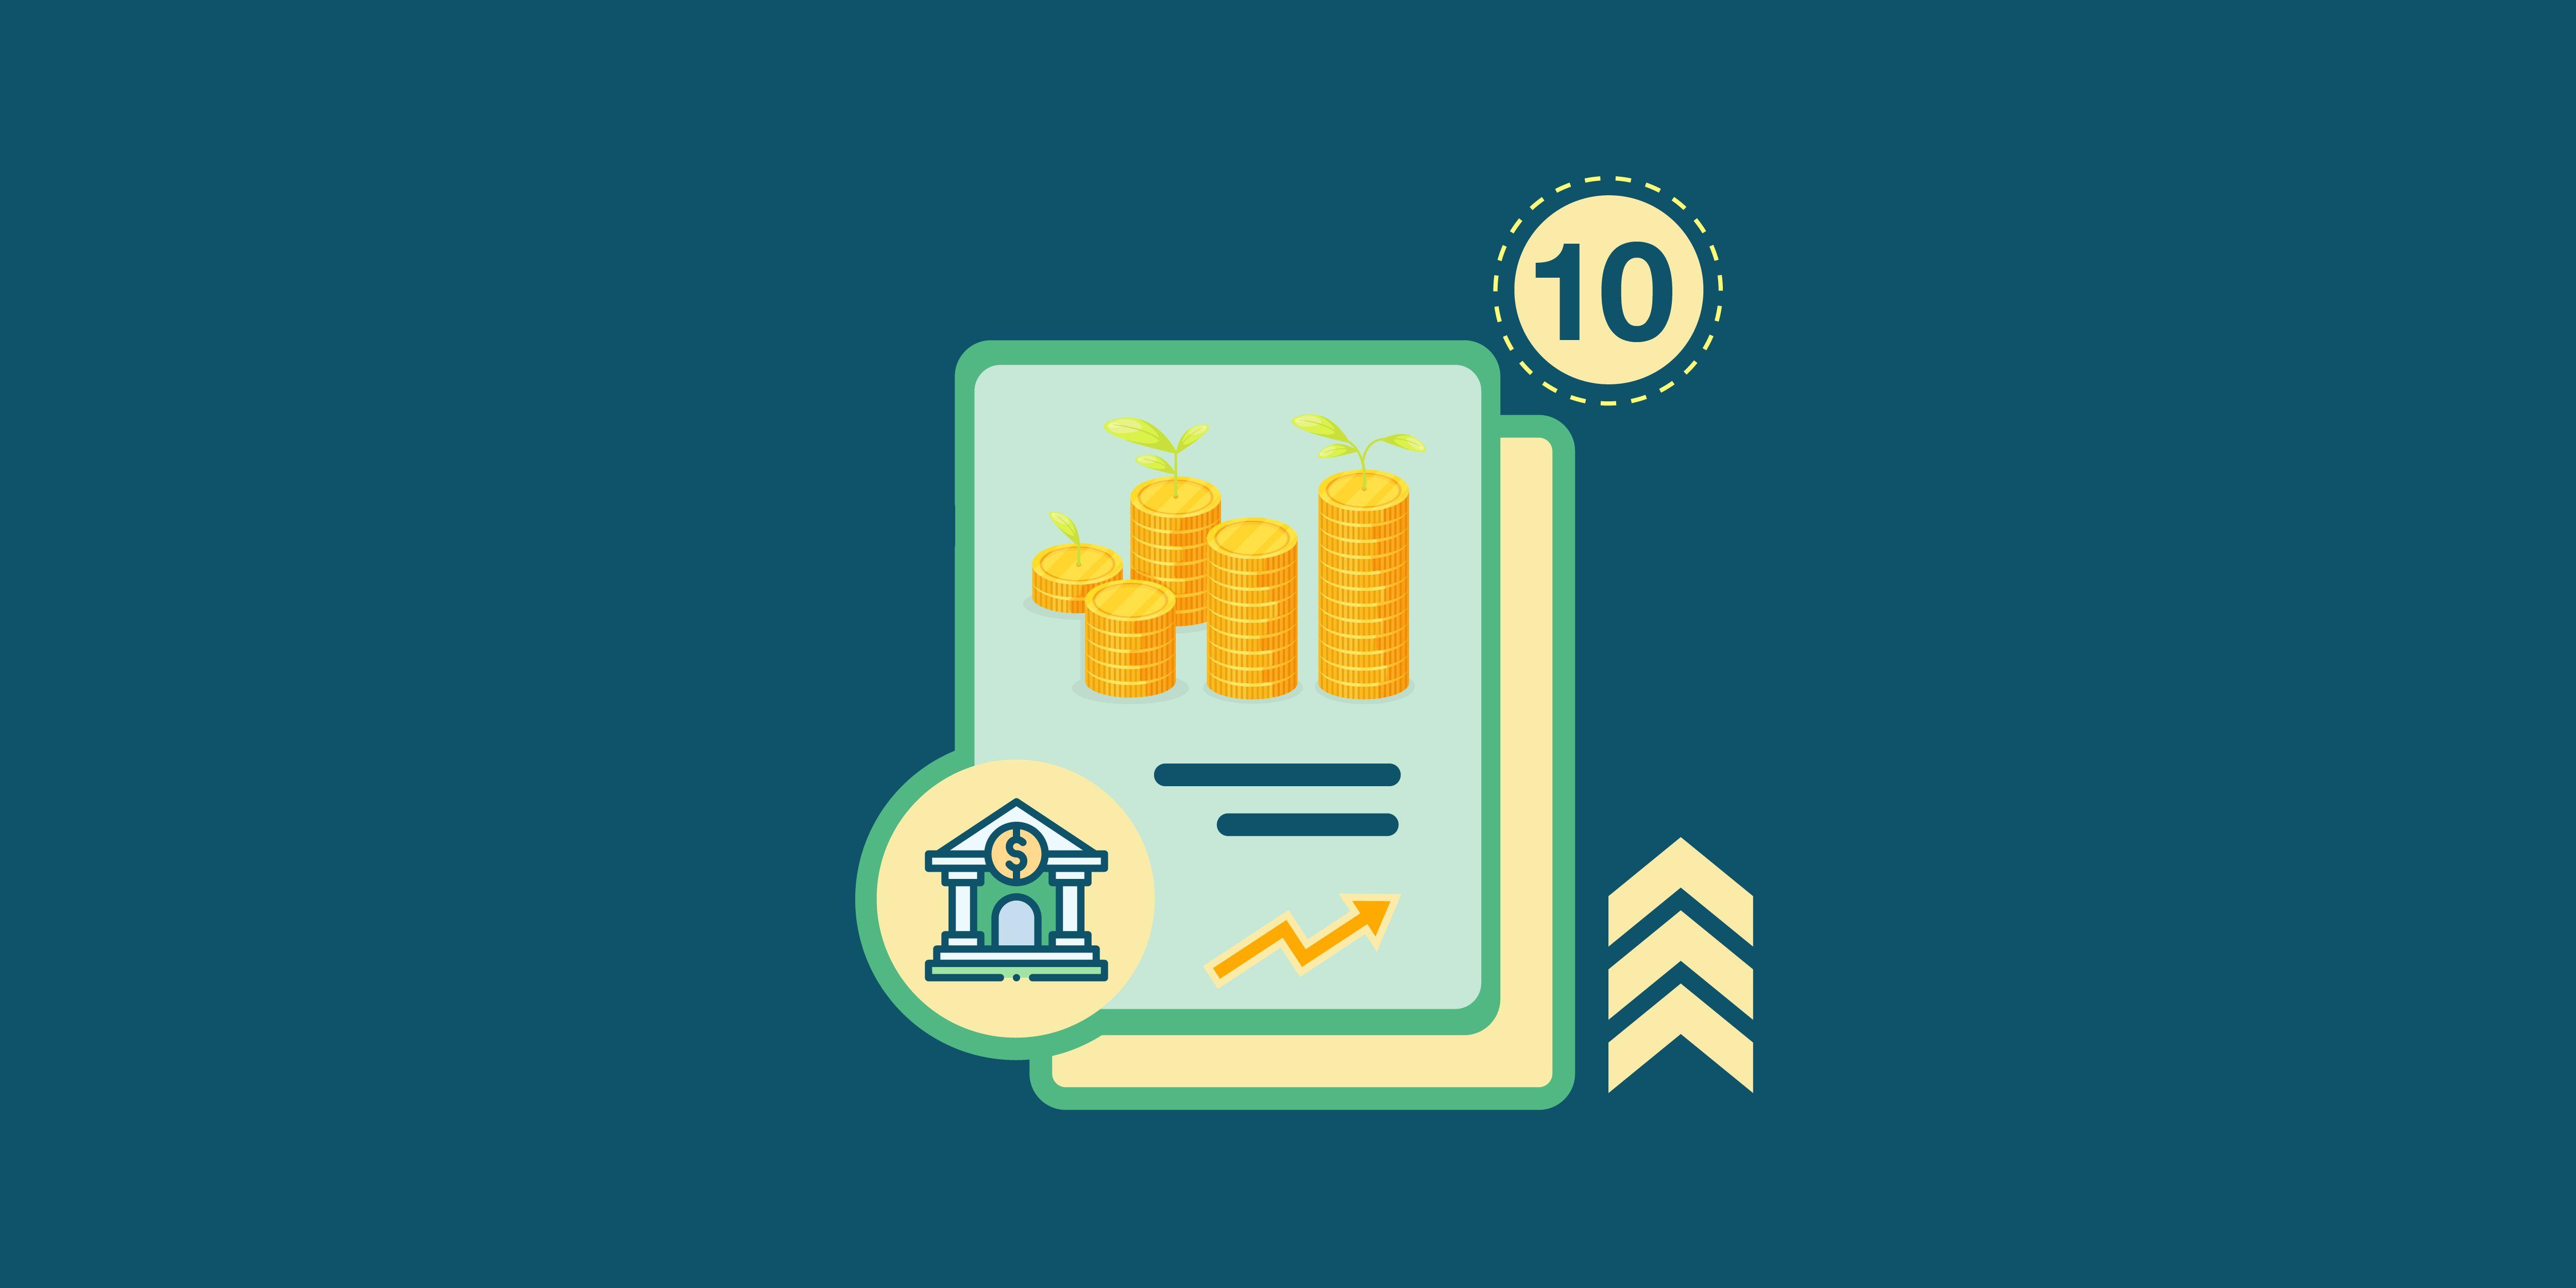 أعلى 10 شهادات استثمار ثلاثية فى شهر أكتوبر 2021